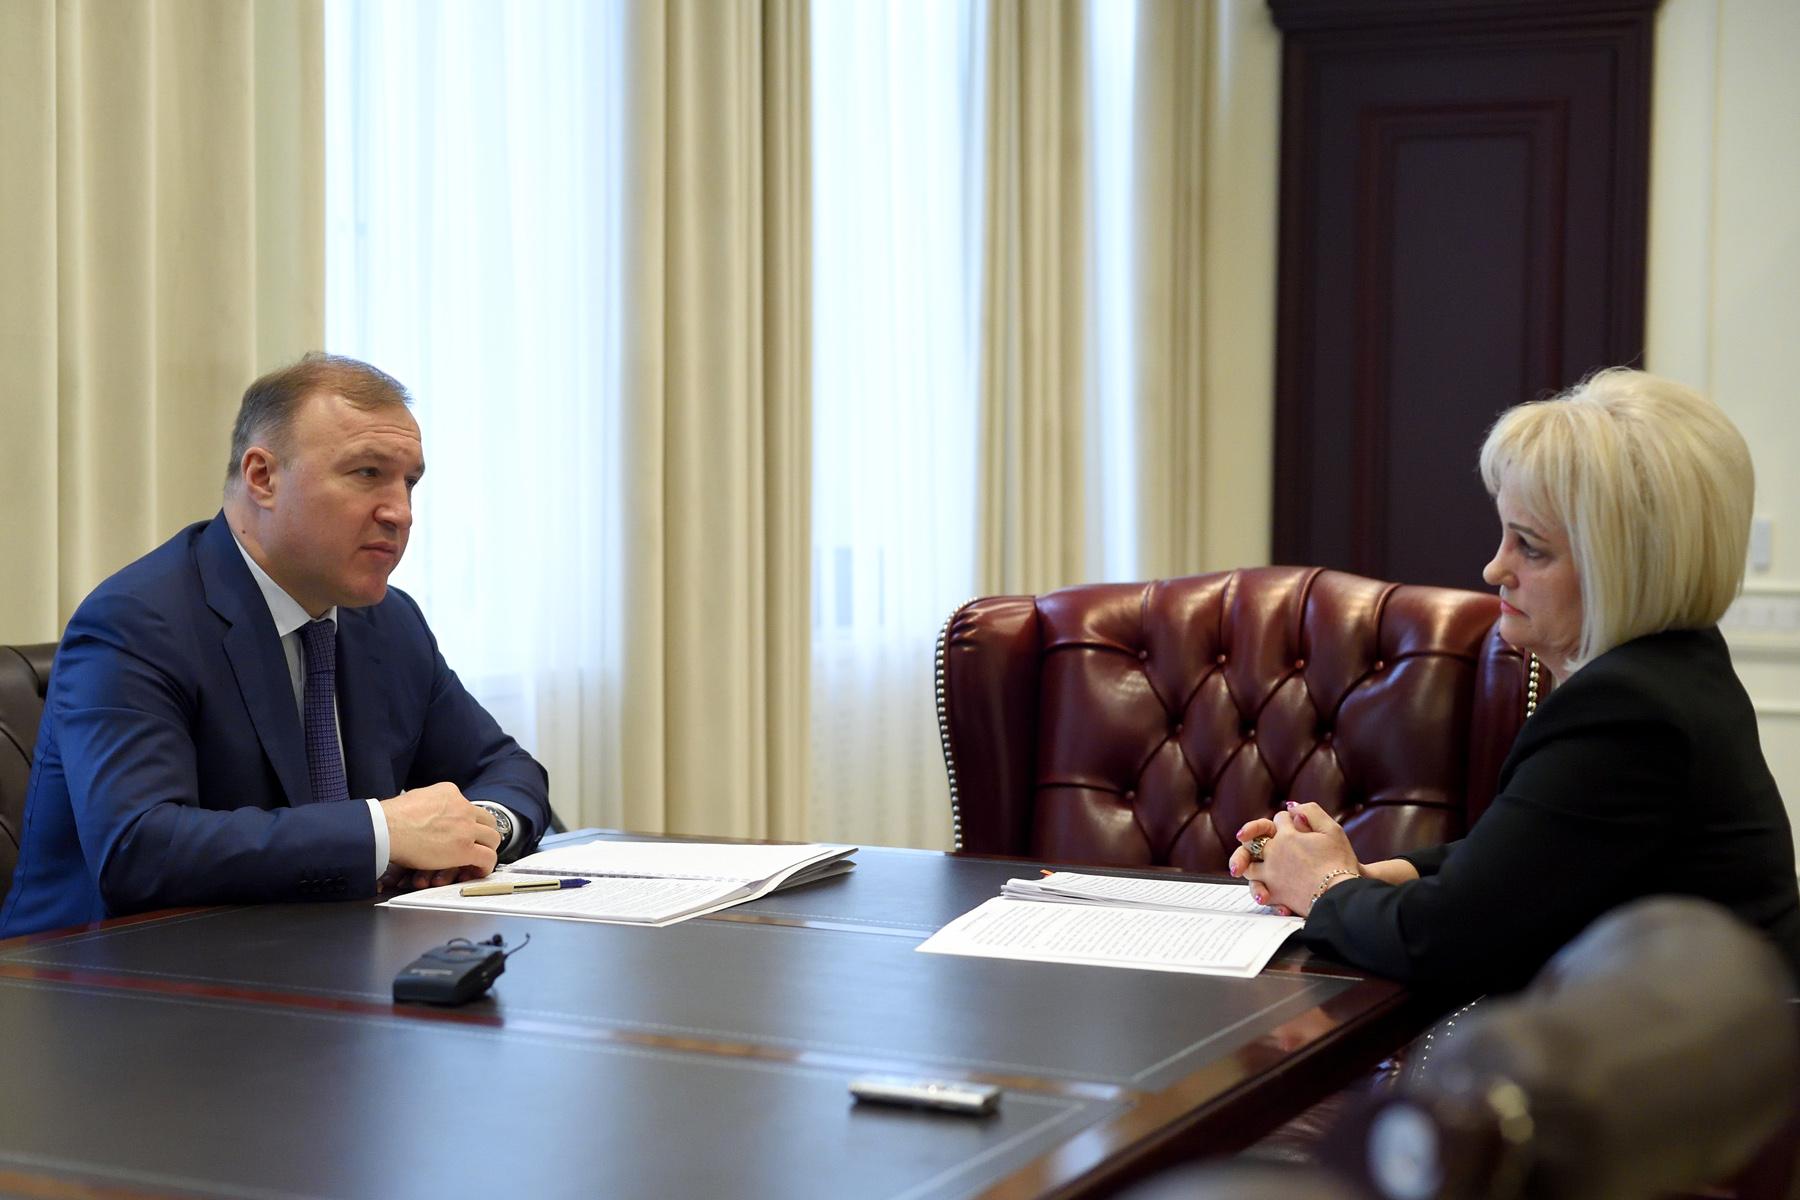 Глава Адыгеи провел встречу с руководителем Контрольно-счетной палаты республики